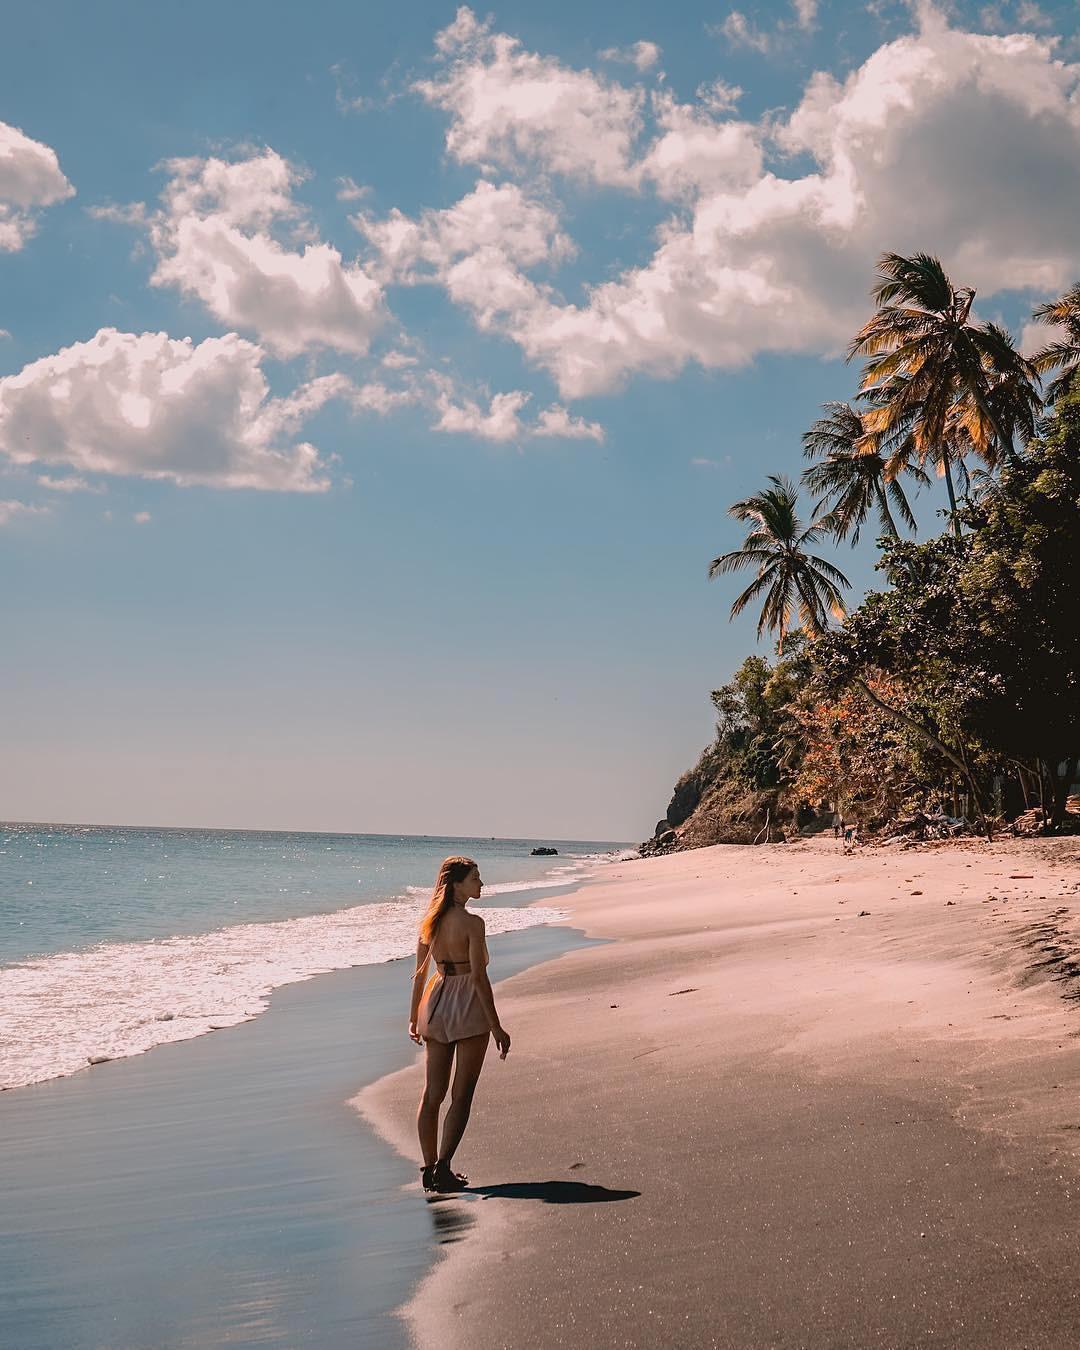 Bali đã quá quen thuộc, đổi gió ở đảo Lombok, cô hàng xóm xinh đẹp tại Indonesia - Ảnh 8.